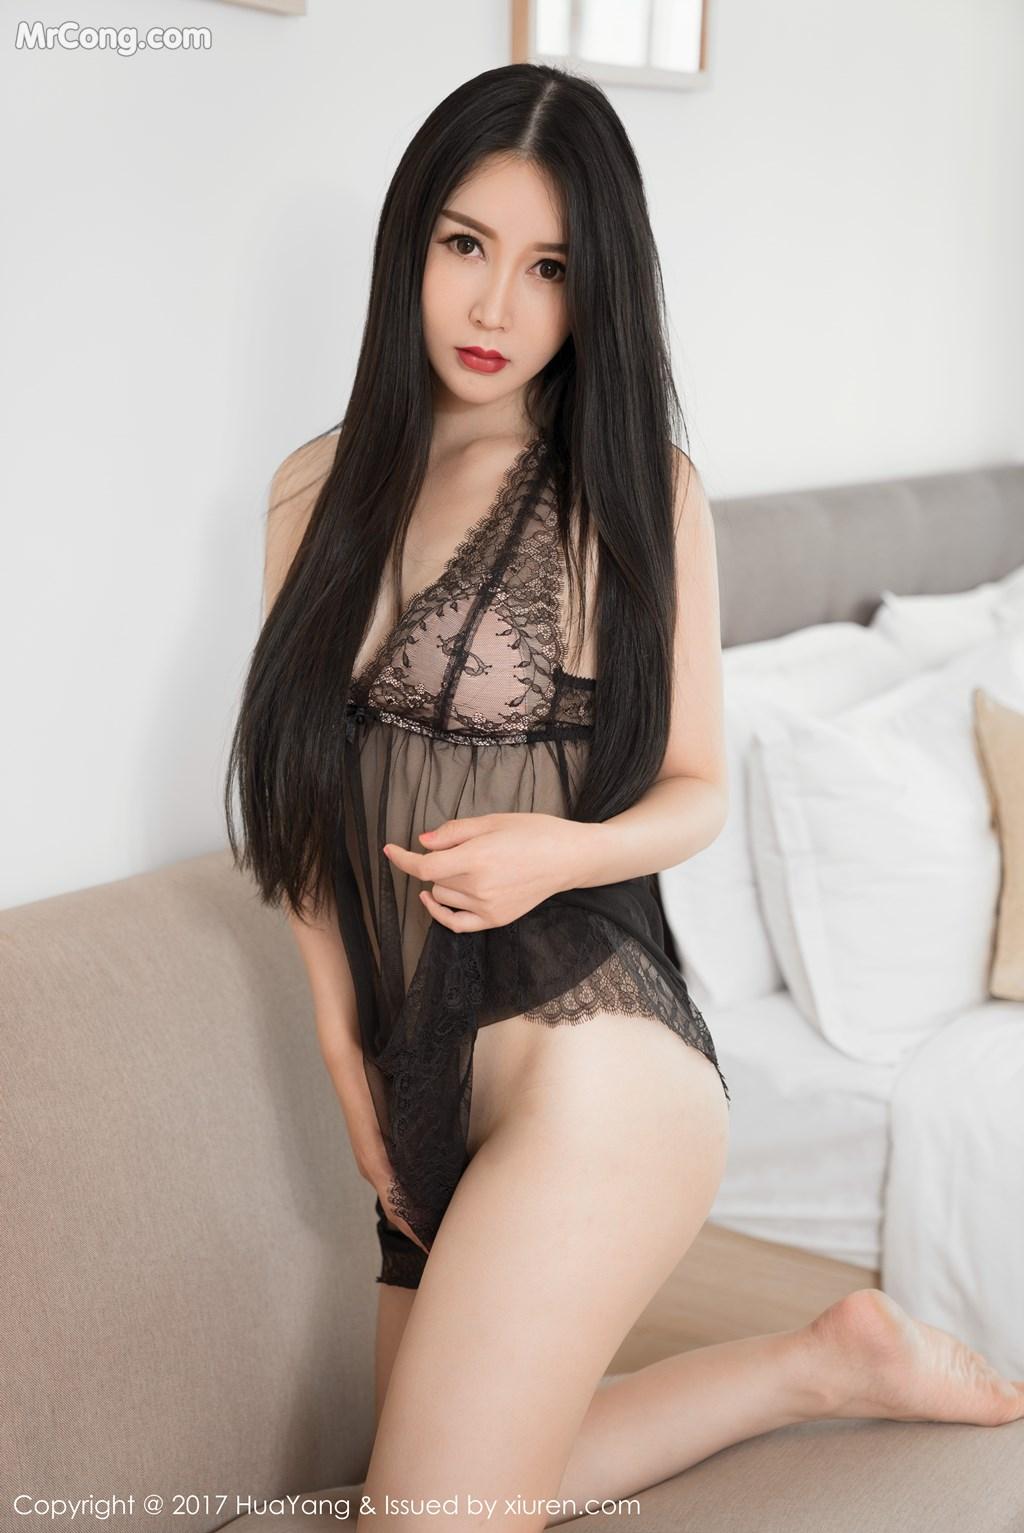 Image HuaYang-2017-12-05-Vol.017-Gu-Xinyi-MrCong.com-002 in post HuaYang 2017-12-05 Vol.017: Người mẫu Gu Xinyi (顾欣怡) (44 ảnh)